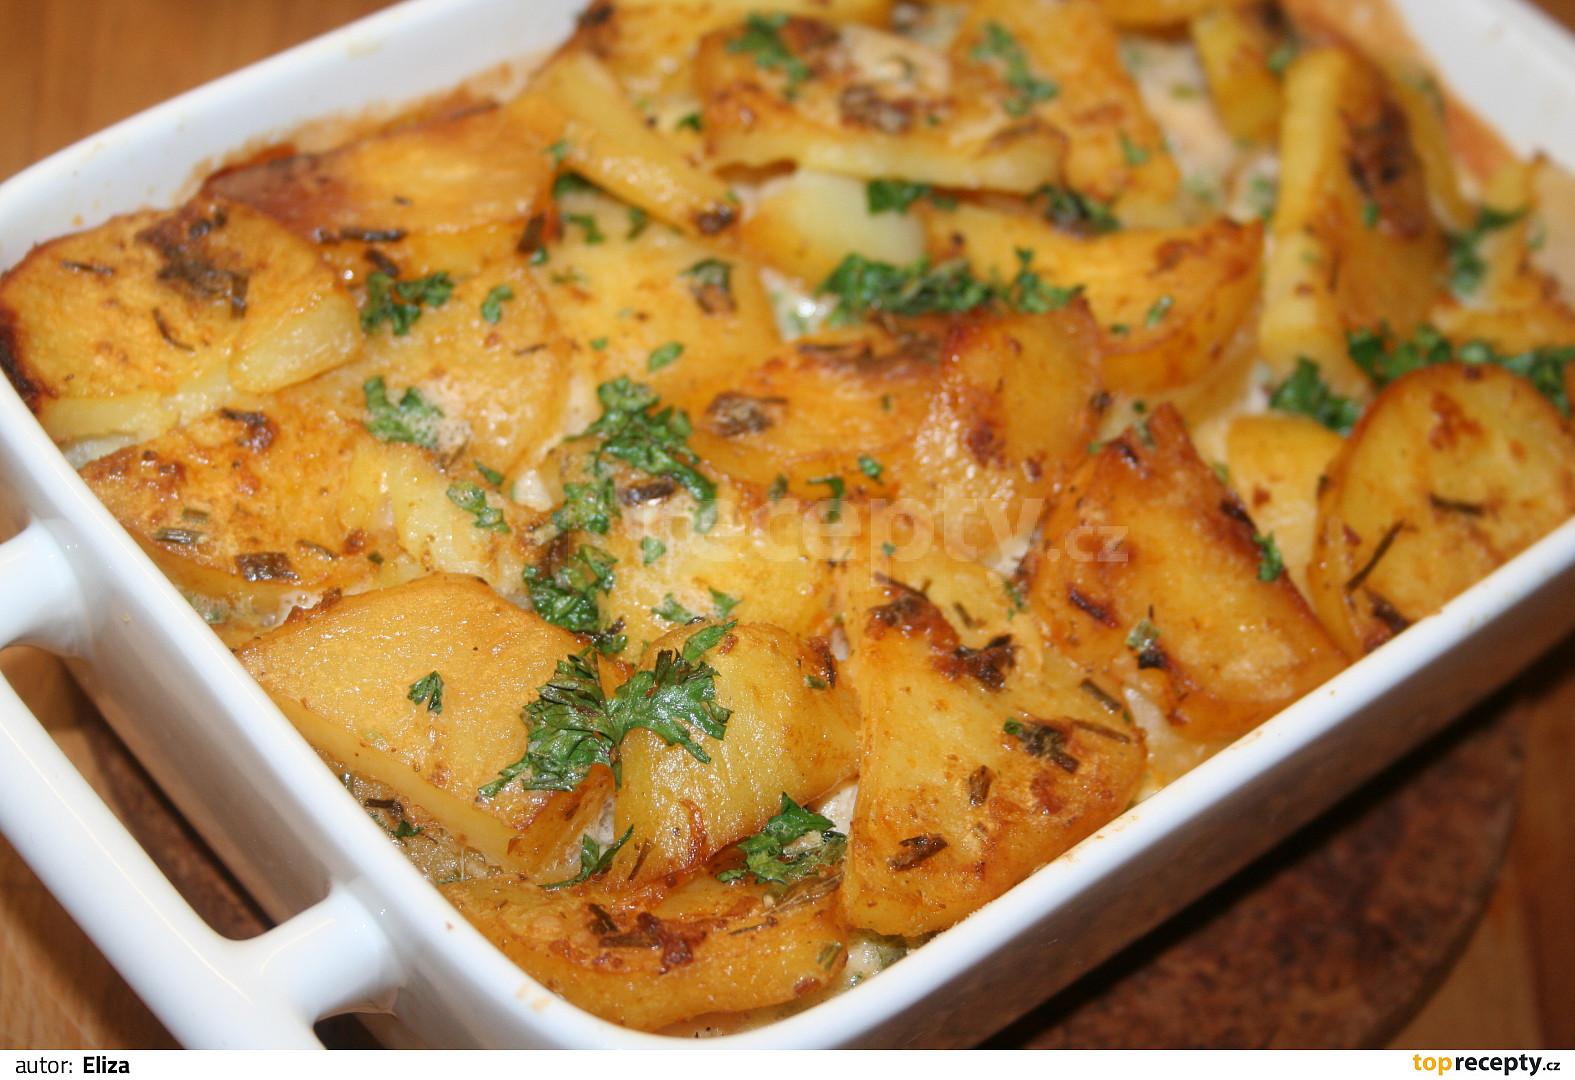 Výsledek obrázku pro zapečené brambory